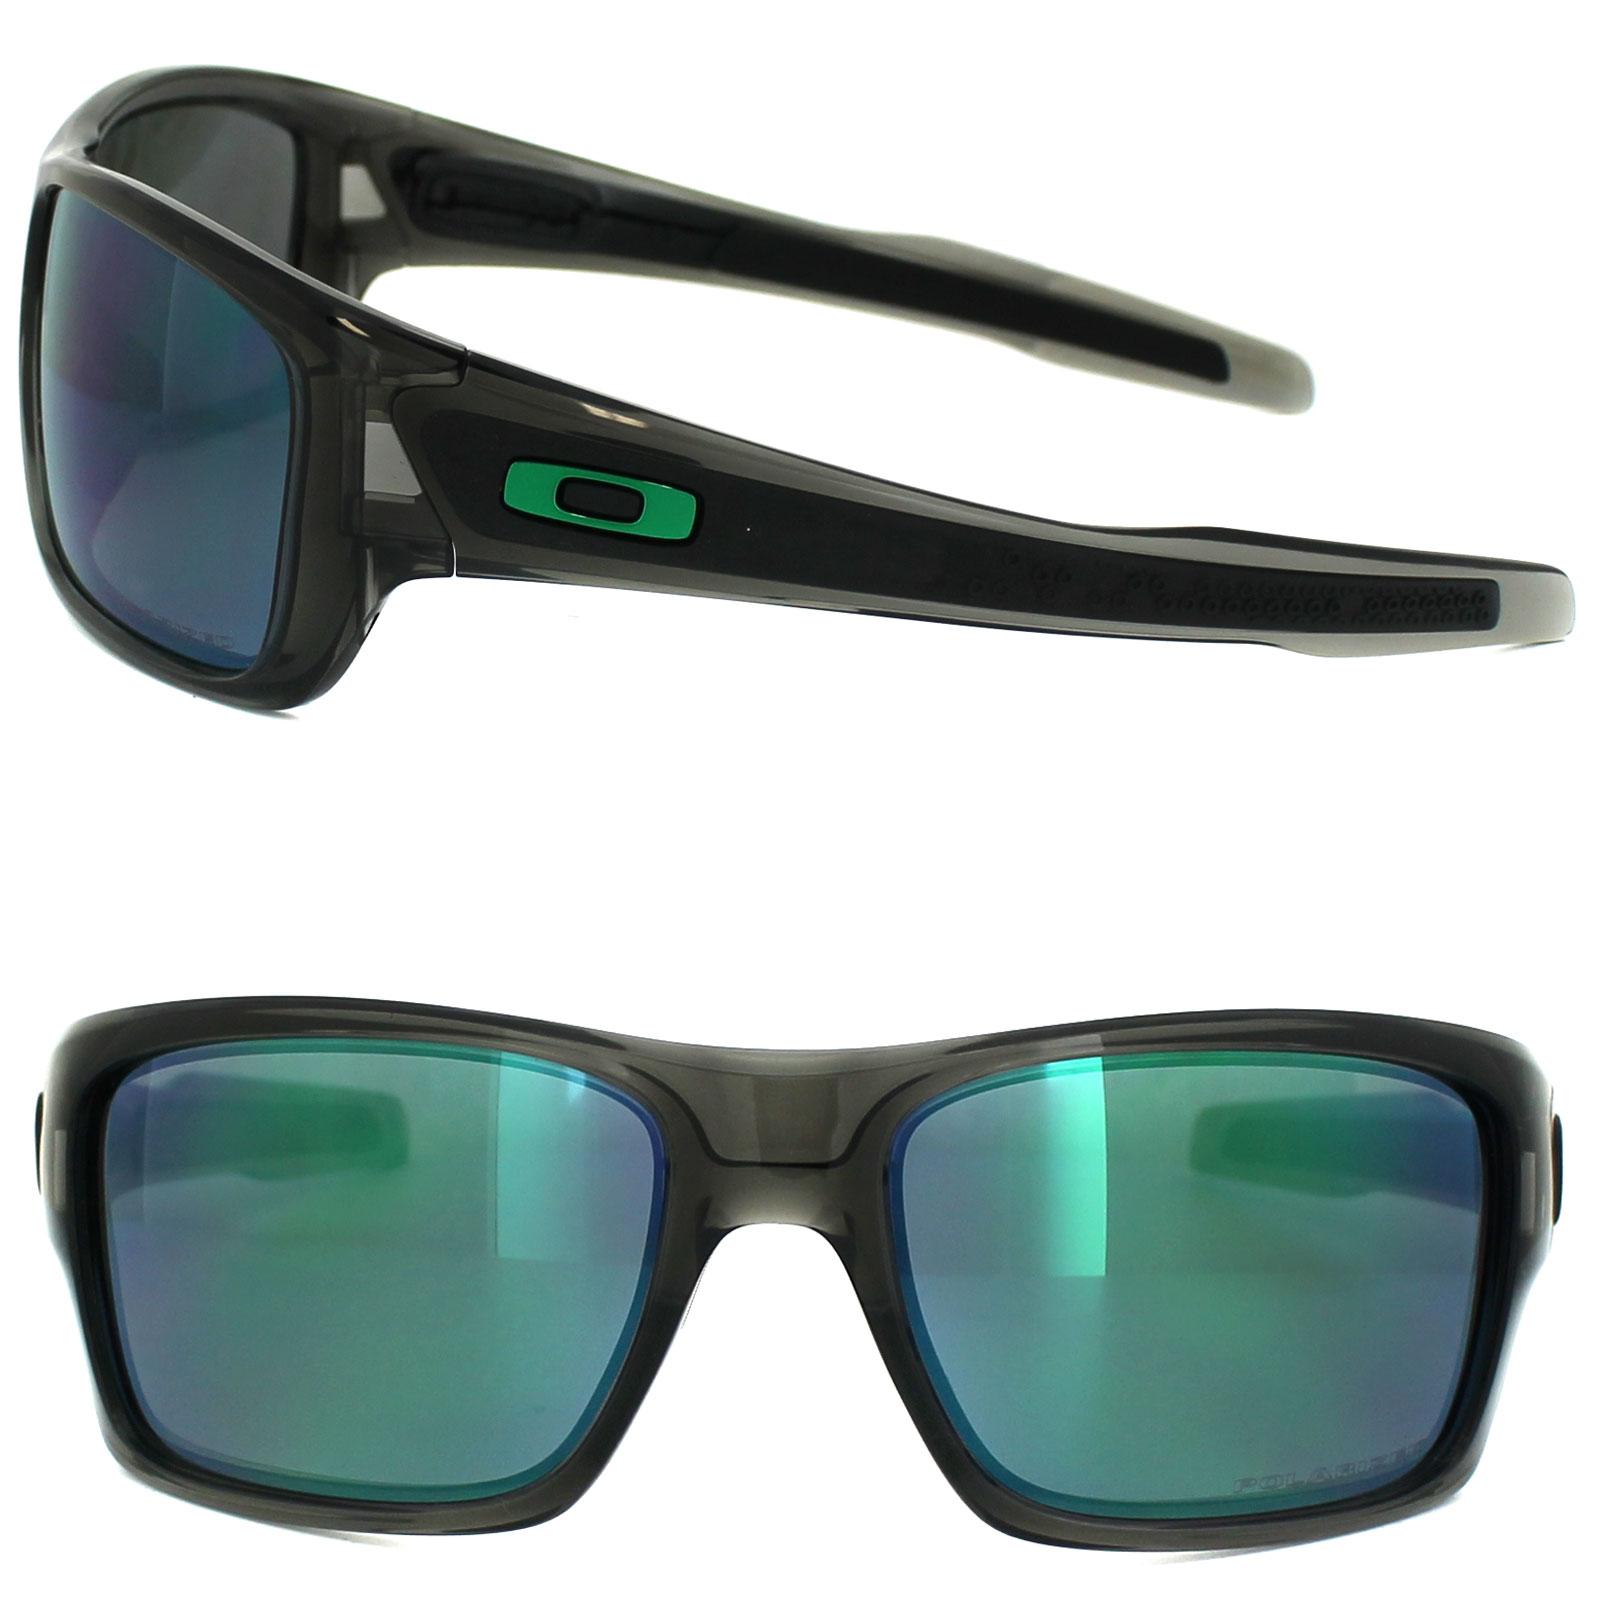 7faa0e4403e Sentinel Oakley Sunglasses Turbine OO9263-09 Grey Smoke Jade Iridium  Polarized